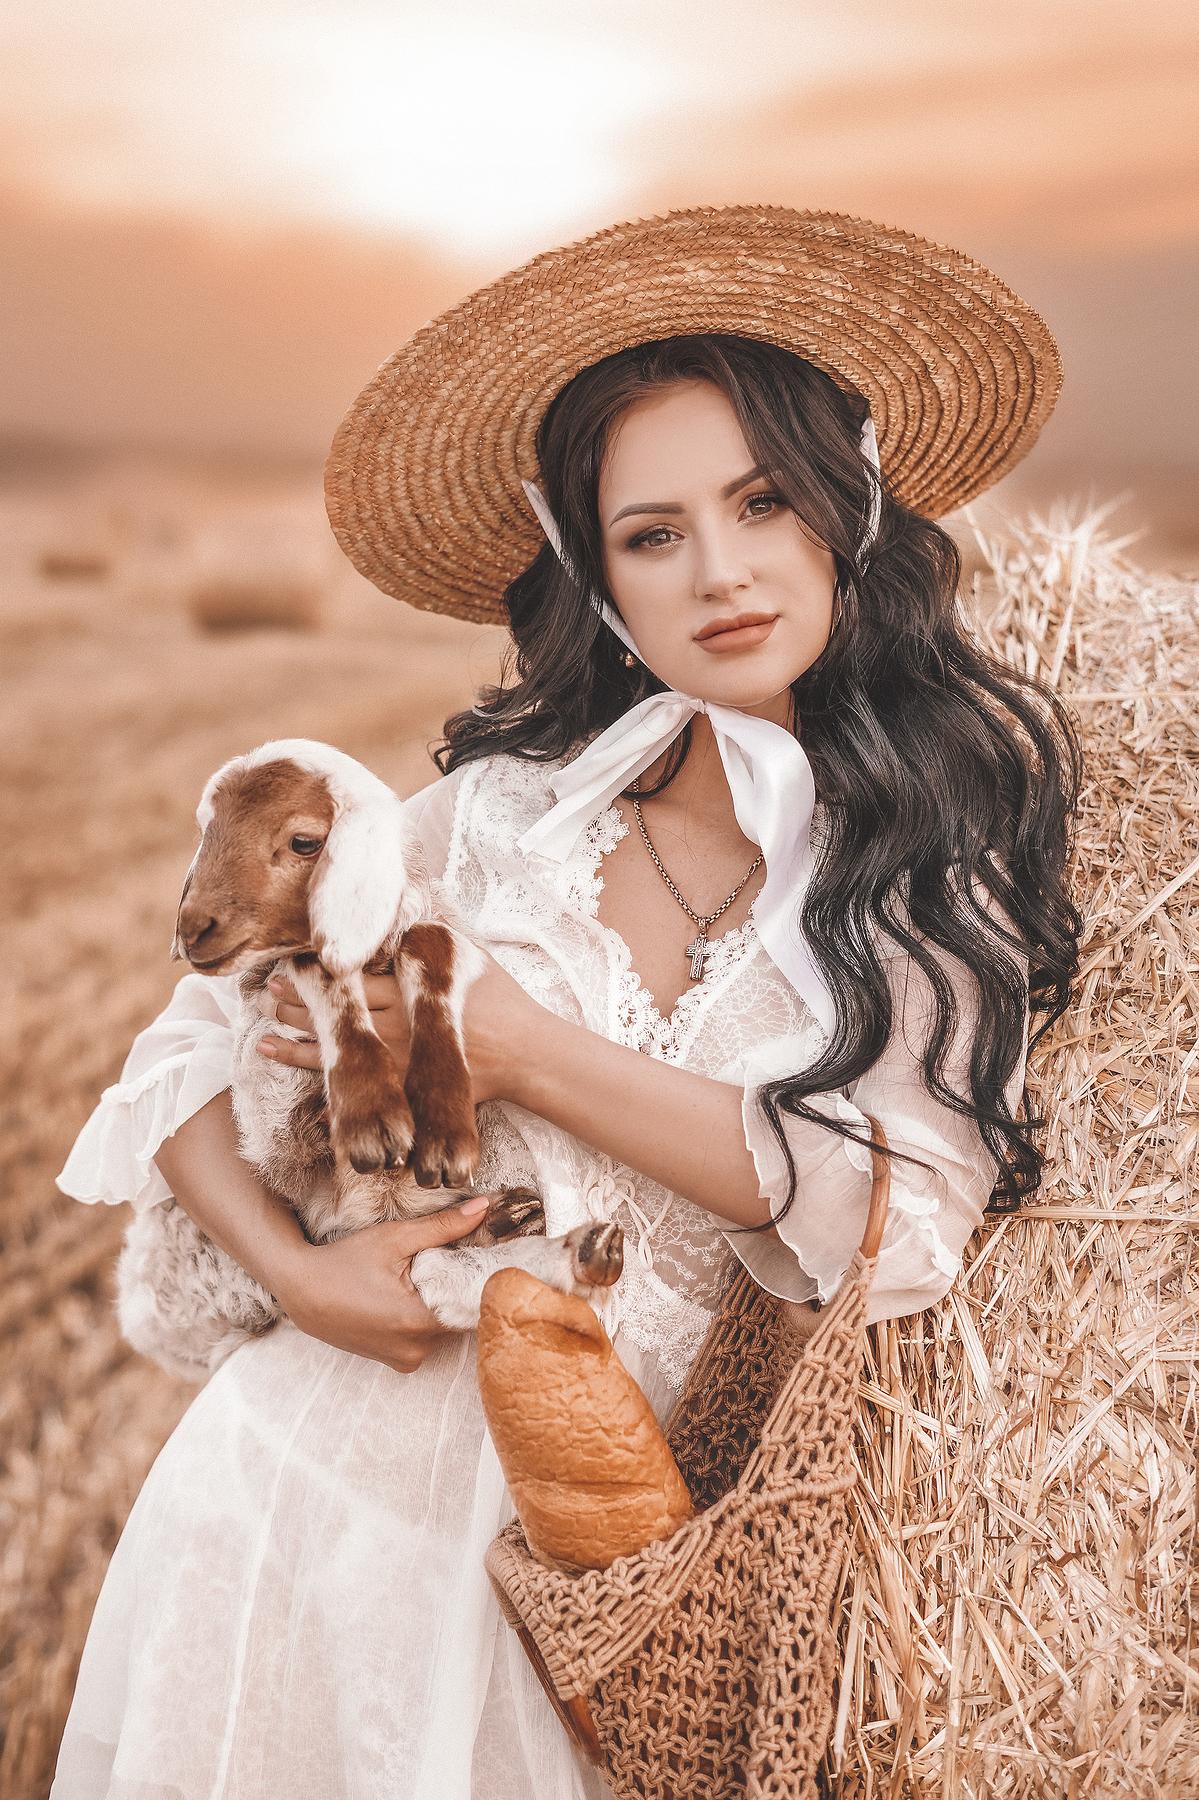 Бедная овечка / фотограф Photographyzp Yana